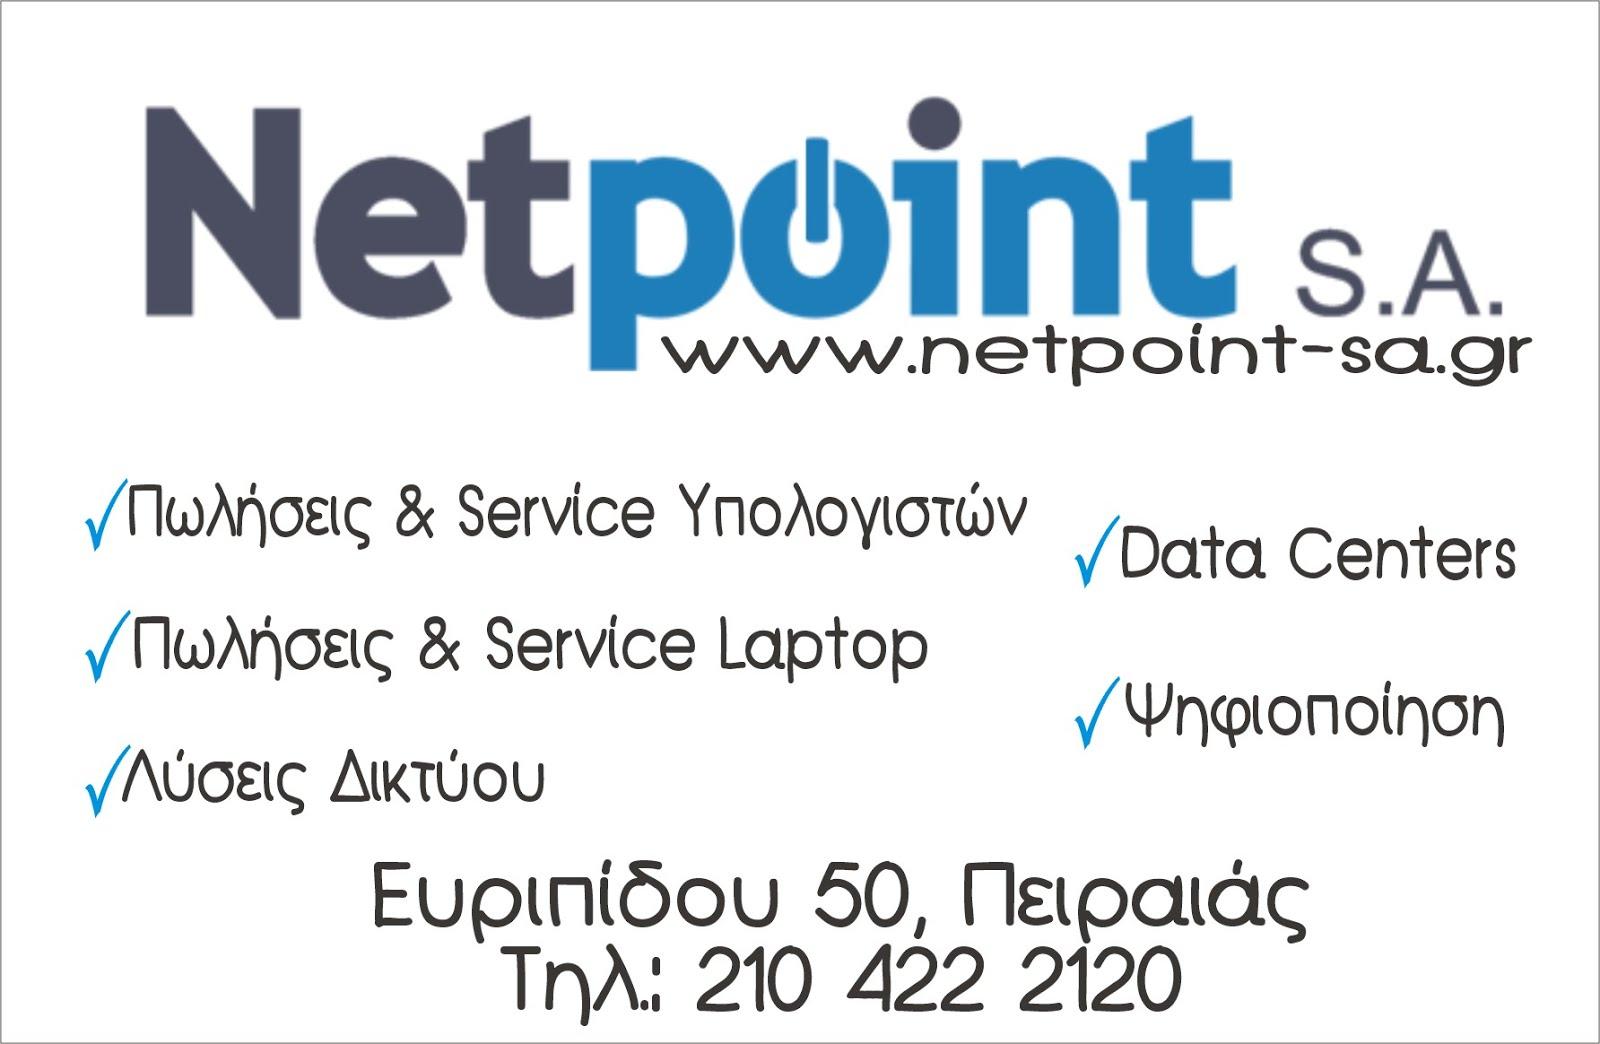 Κάντε κλικ στη Νet Point